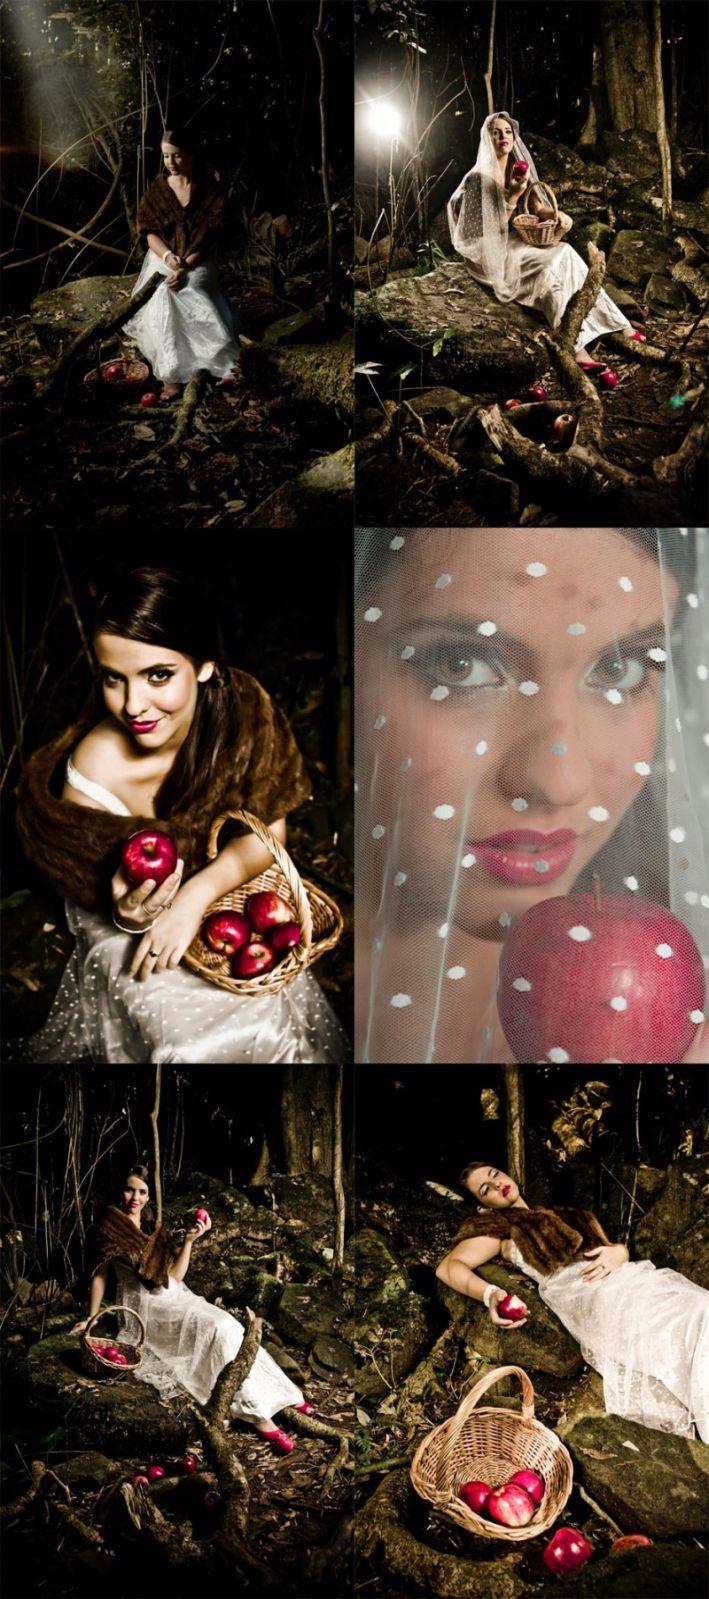 Queensland Jul 24, 2008 Post Lenses Snow White